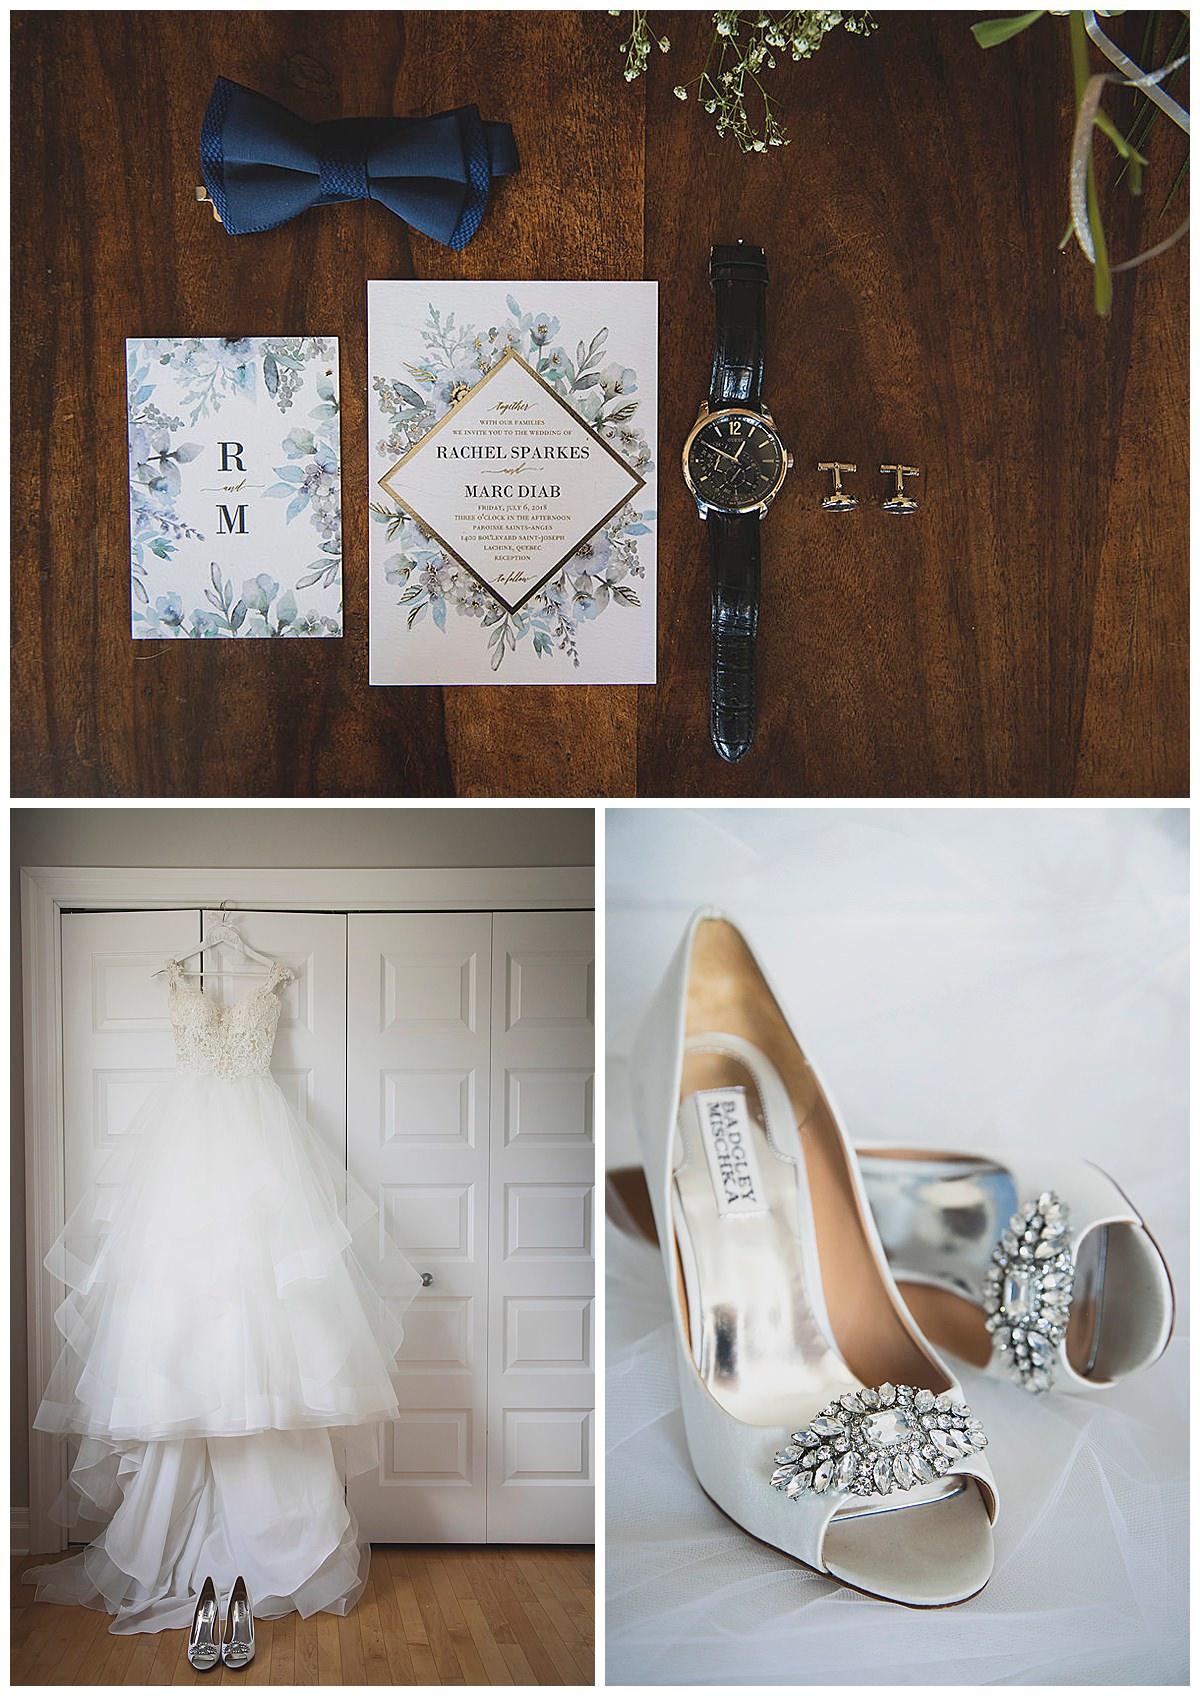 Theatre Paradoxe wedding details